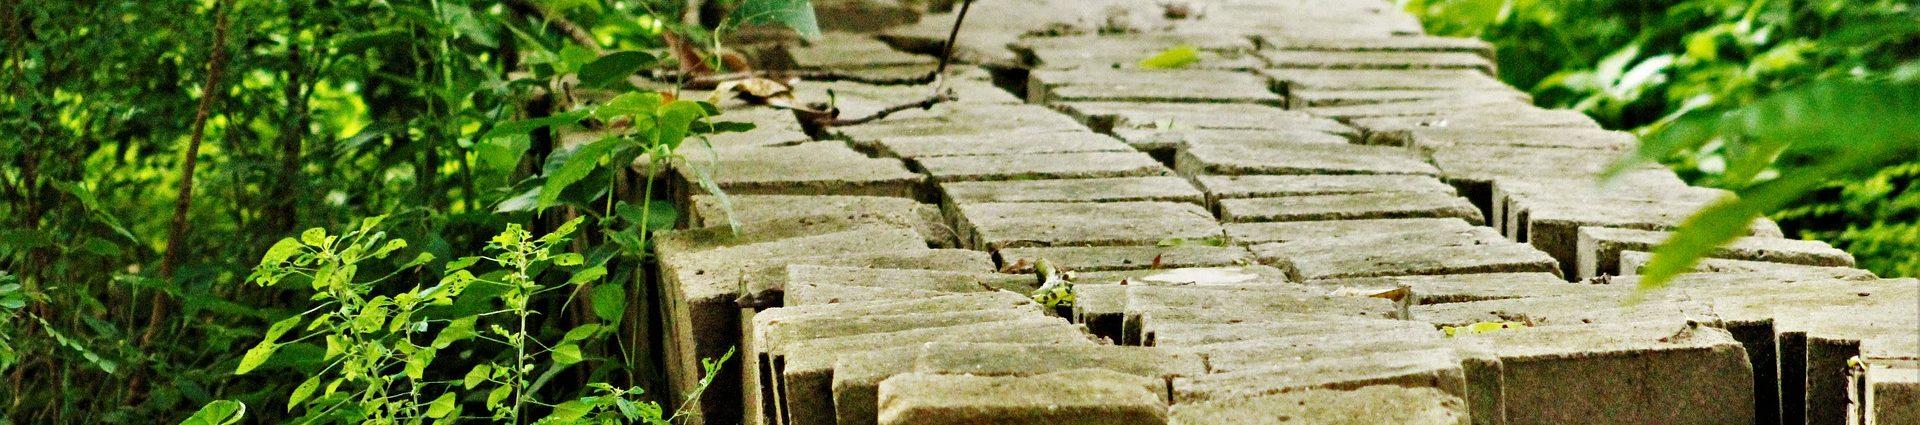 Sectoren - bouw - groen - civiel